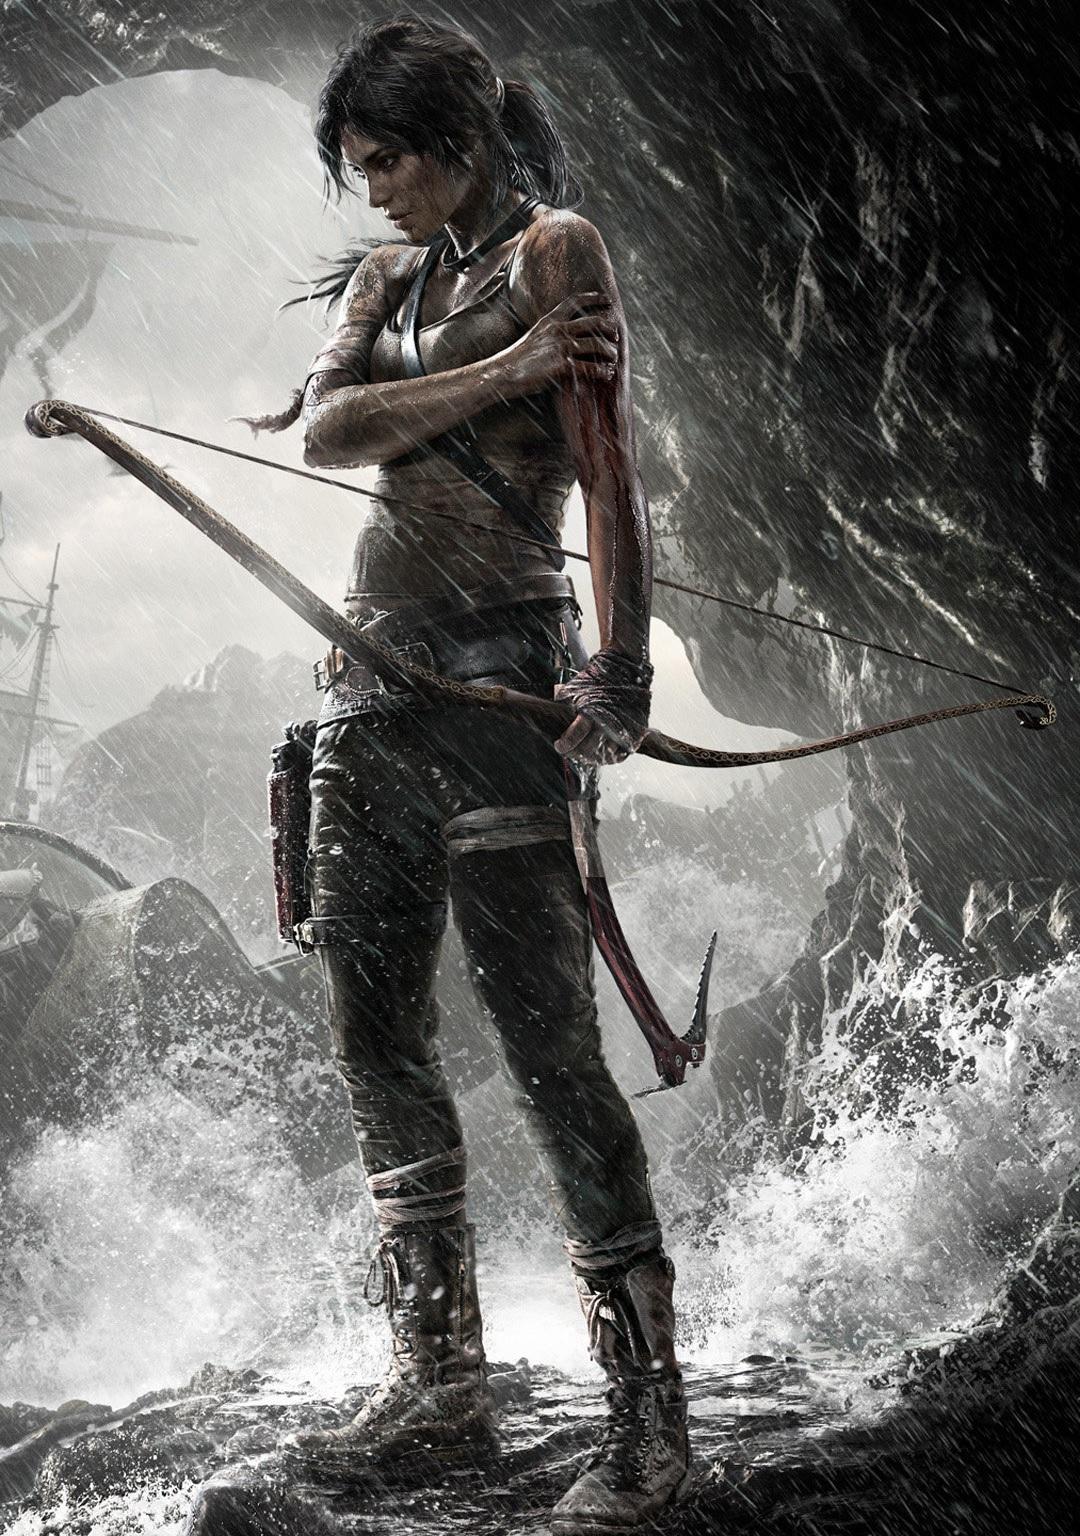 Me gustaria entrar en el subforo secreto - Página 22 Tomb-Raider-game-poster